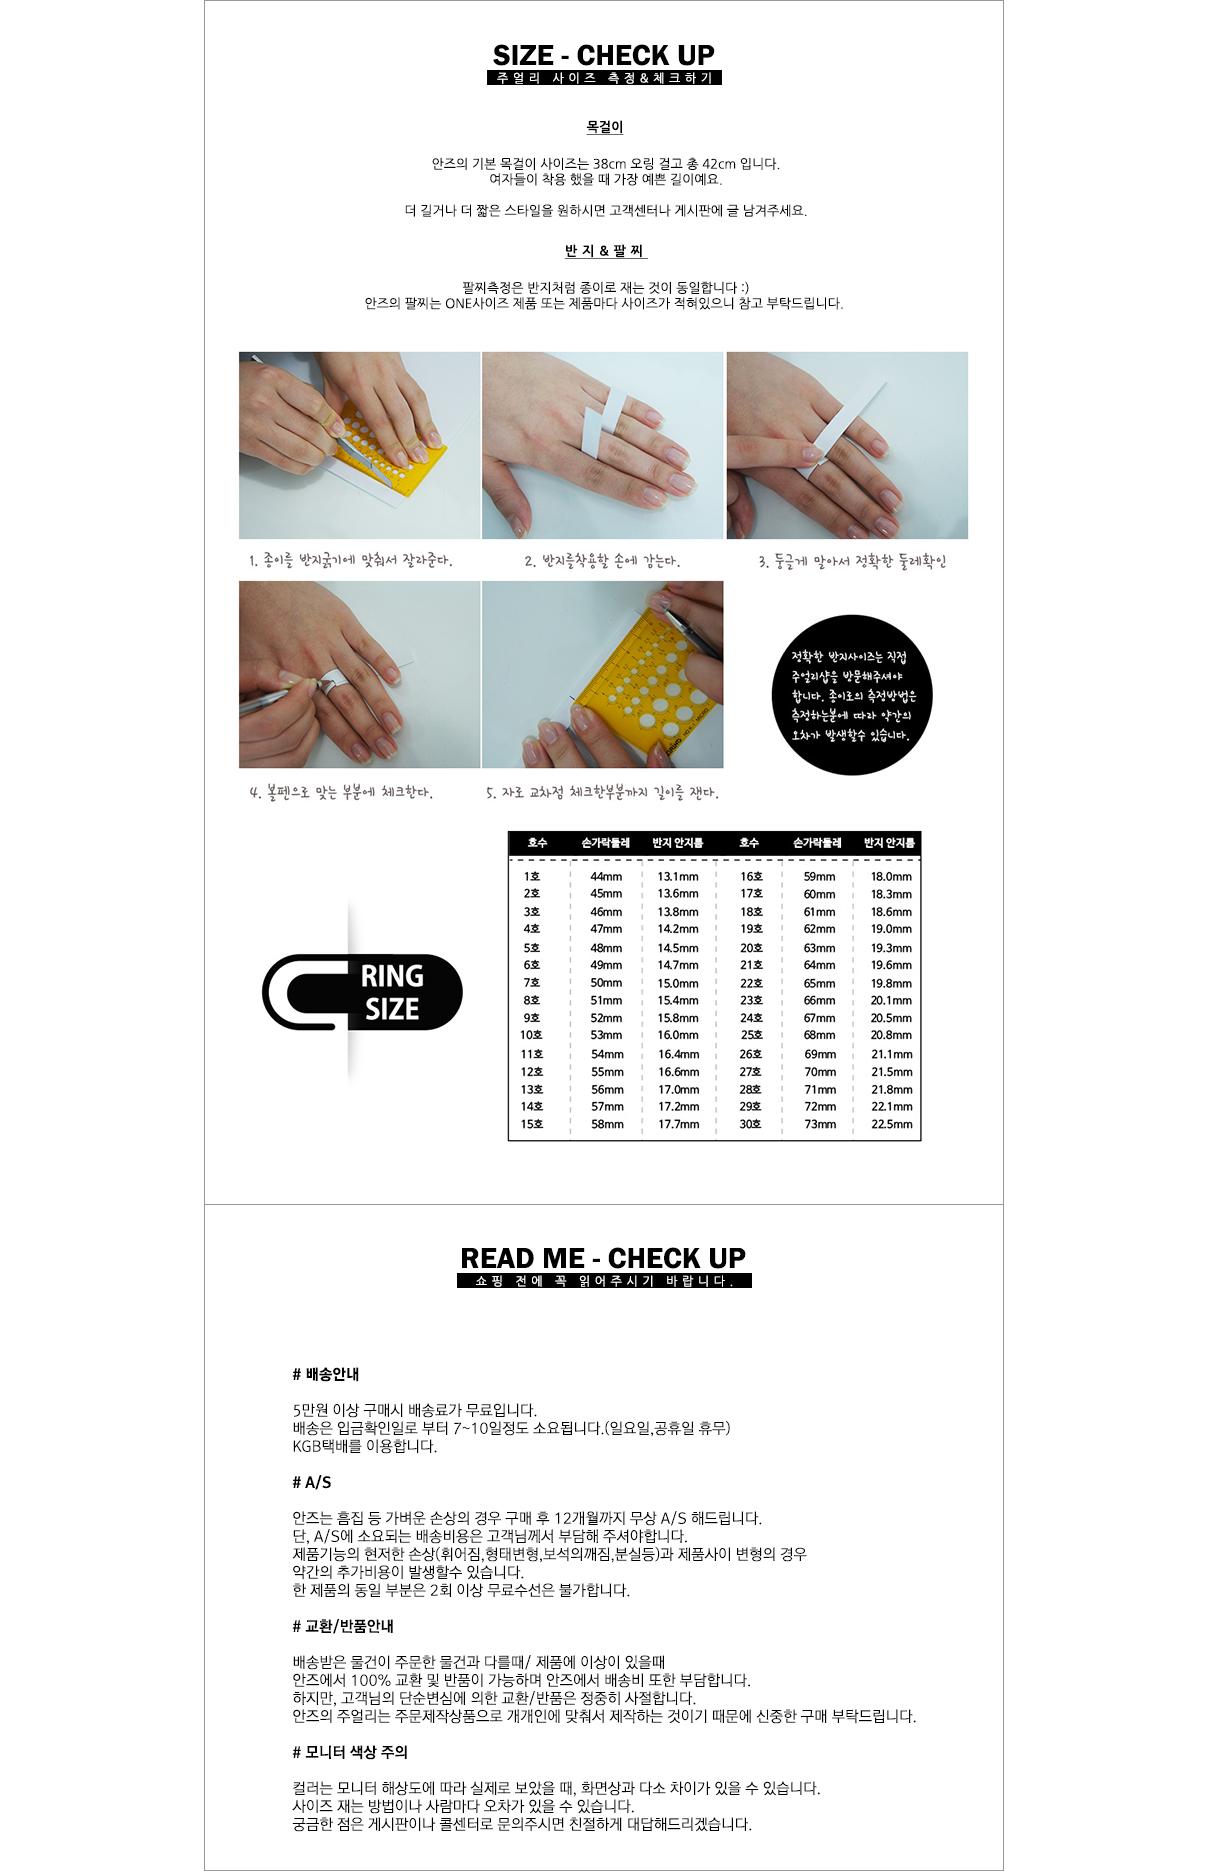 낱개판매 14k 핑크골드 청다이아 루비 화살표 피어싱 - 안즈, 113,000원, 골드, 14K/18K